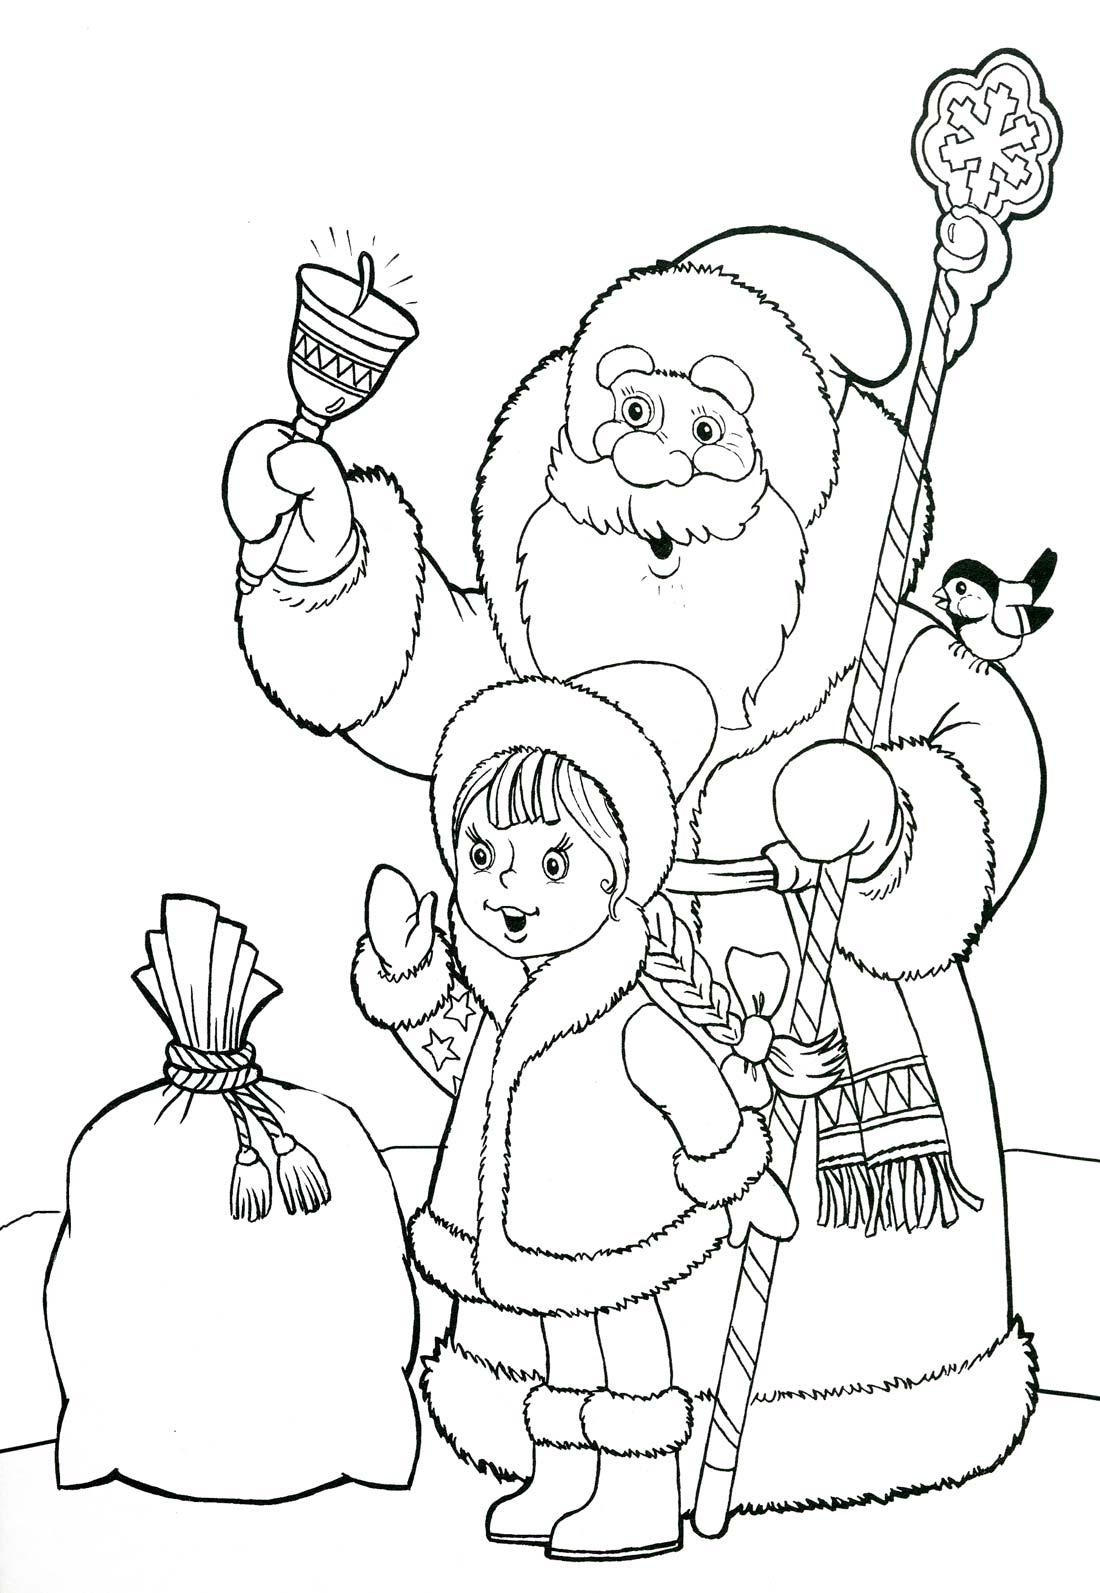 Раскраски деда мороза к новому году